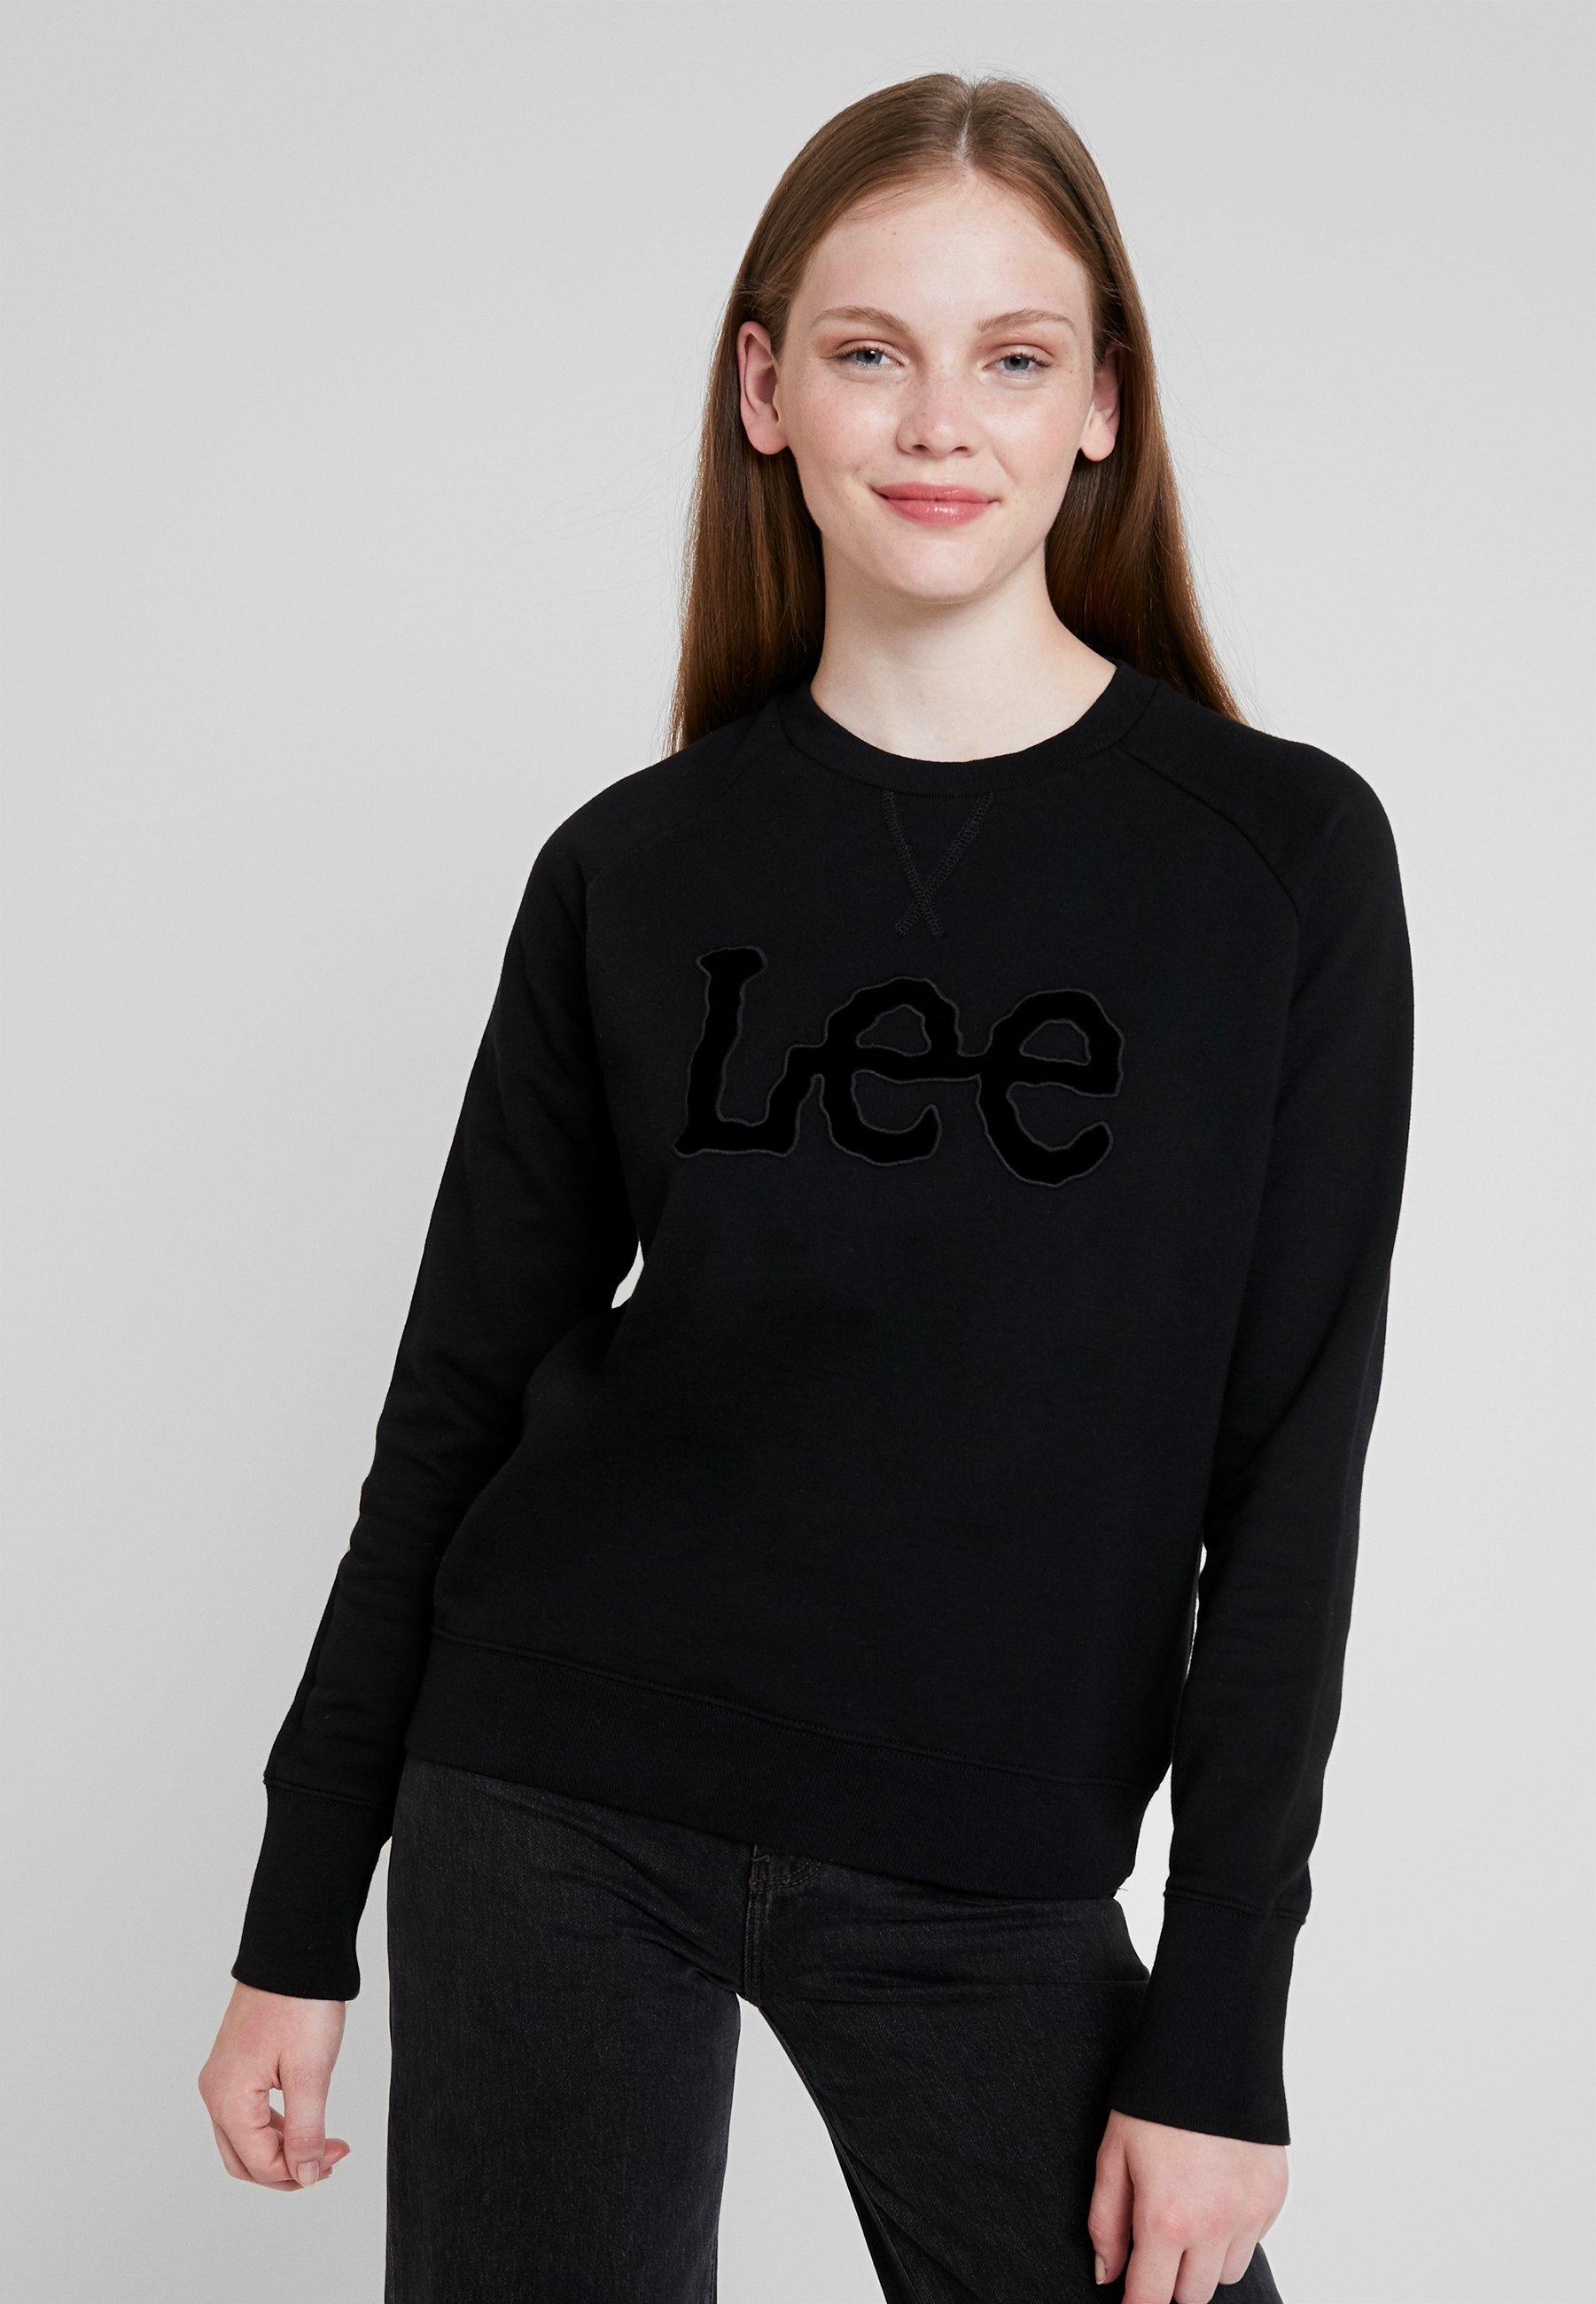 Lee Black LogoSweatshirt Lee LogoSweatshirt Essential LogoSweatshirt Essential Black Black Lee Lee Essential Essential LogoSweatshirt IDHEY9W2